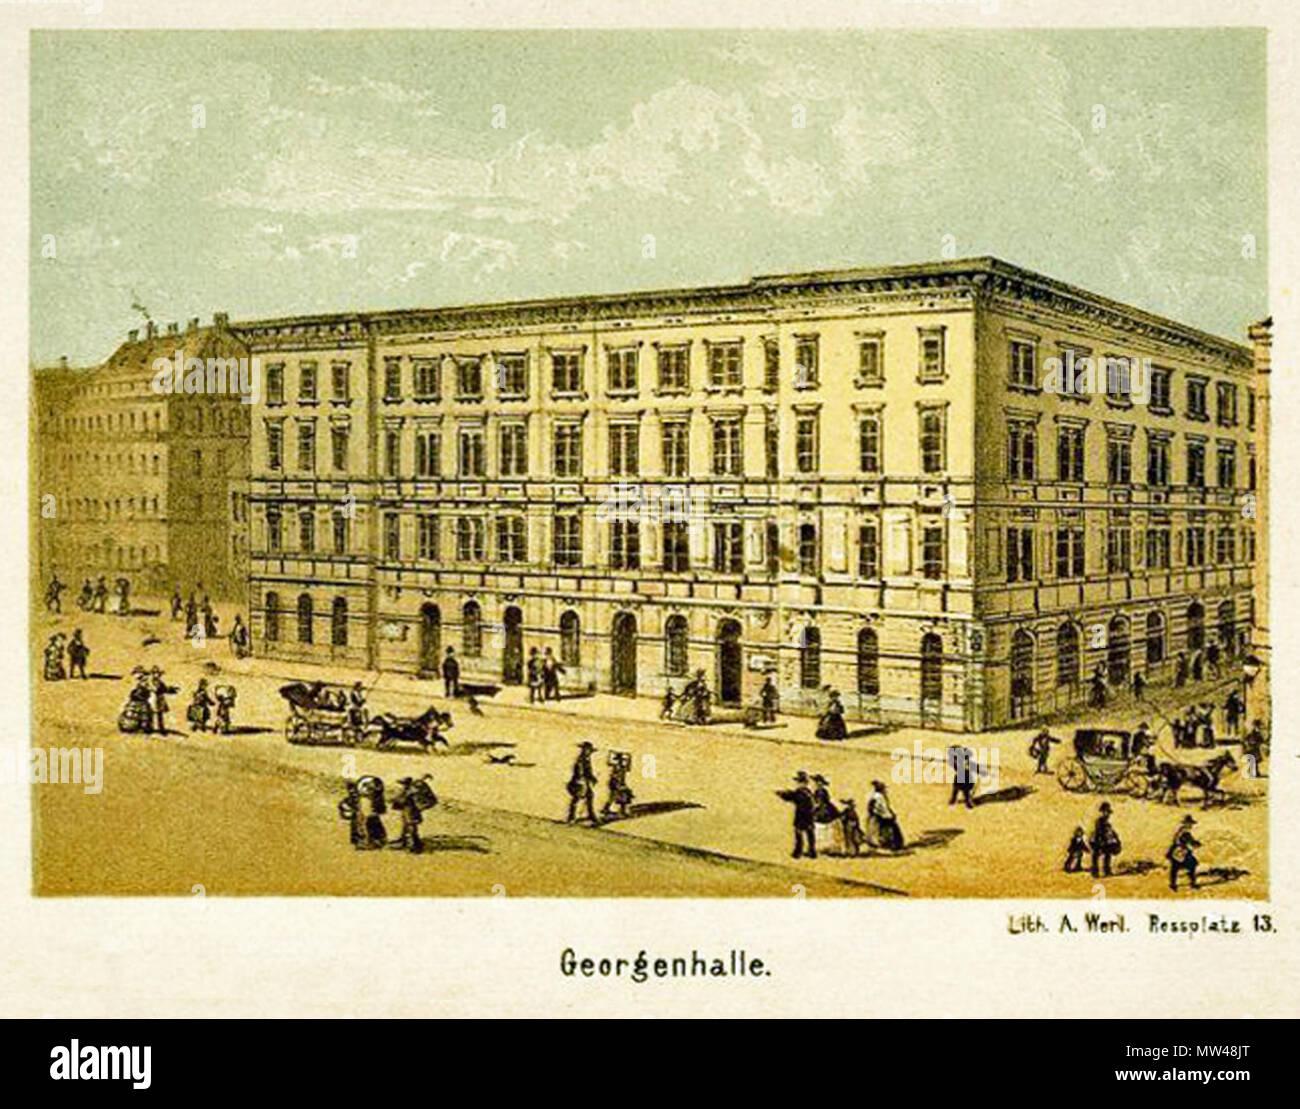 . Deutsch: Die Georgenhalle in Leipzig um 1860 . circa 1860. Adolph Werl (Lith. Inst. in Leipzig , Rossplatz 13) 239 Georgenhalle Leipzig - Stock Image